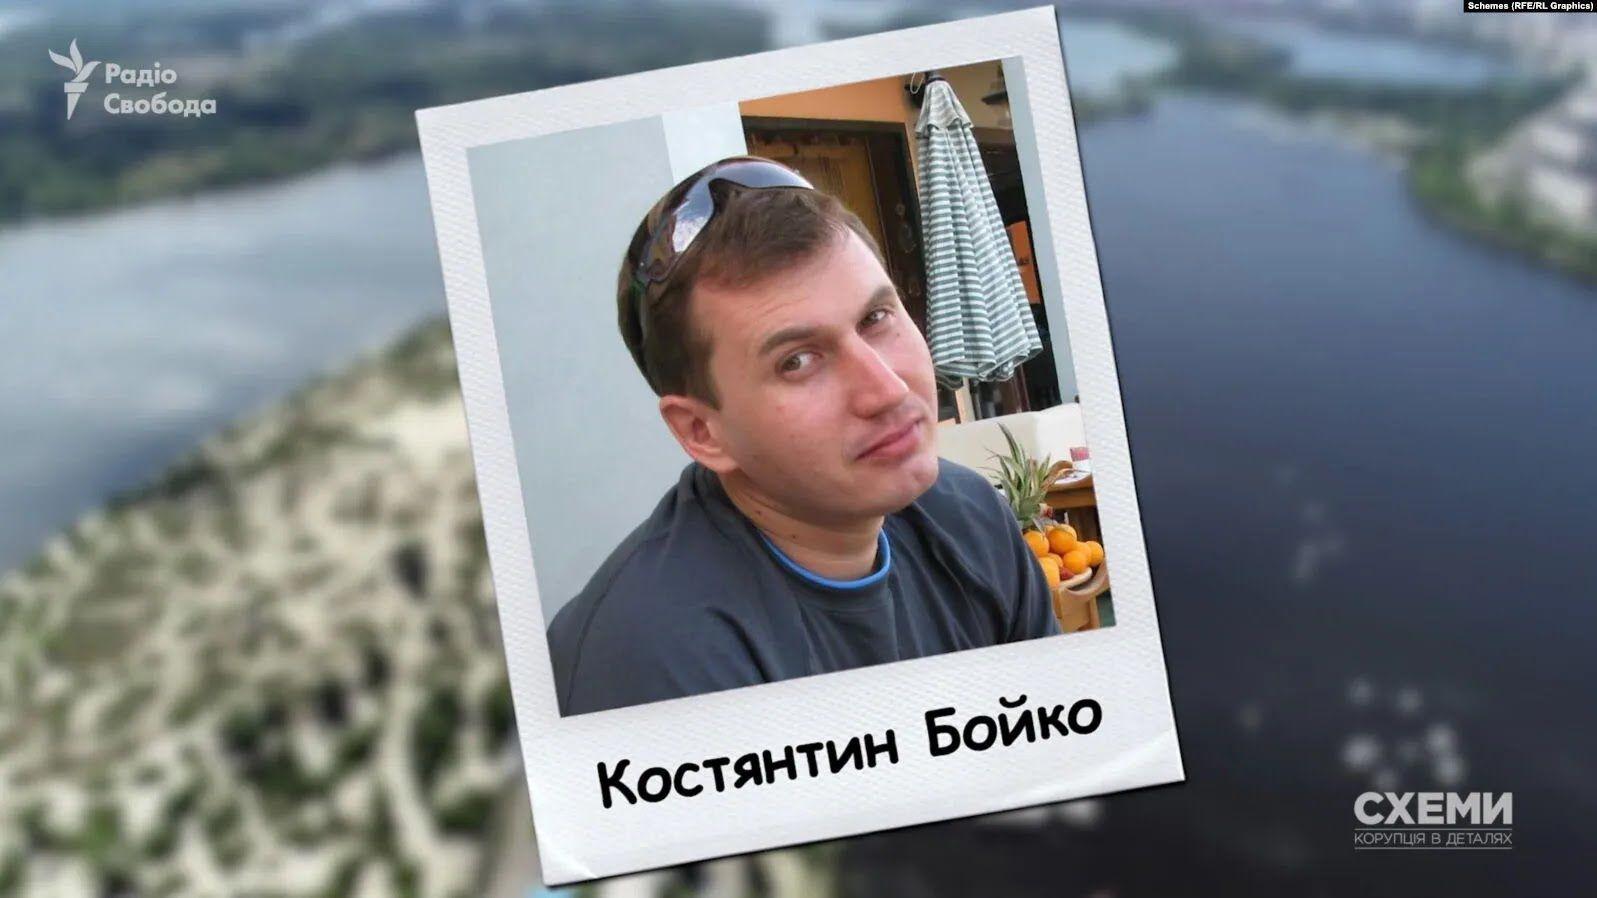 Юрист Константин Бойко.